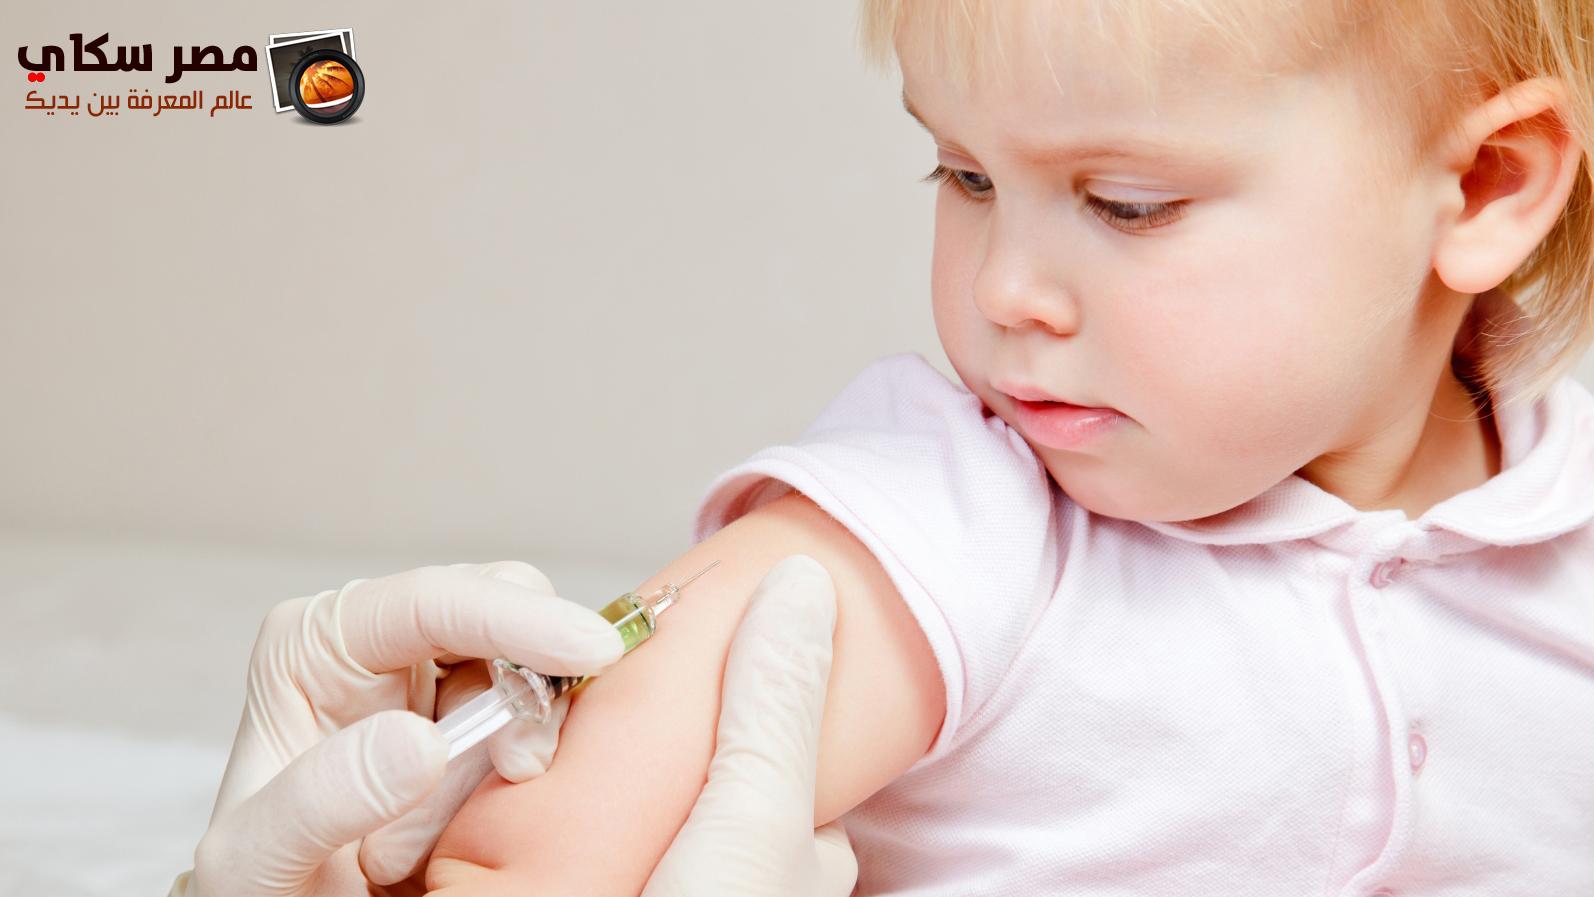 هل شلل الأطفال سببه الإهمال poliomyelitis ؟ بالصور والفيديو